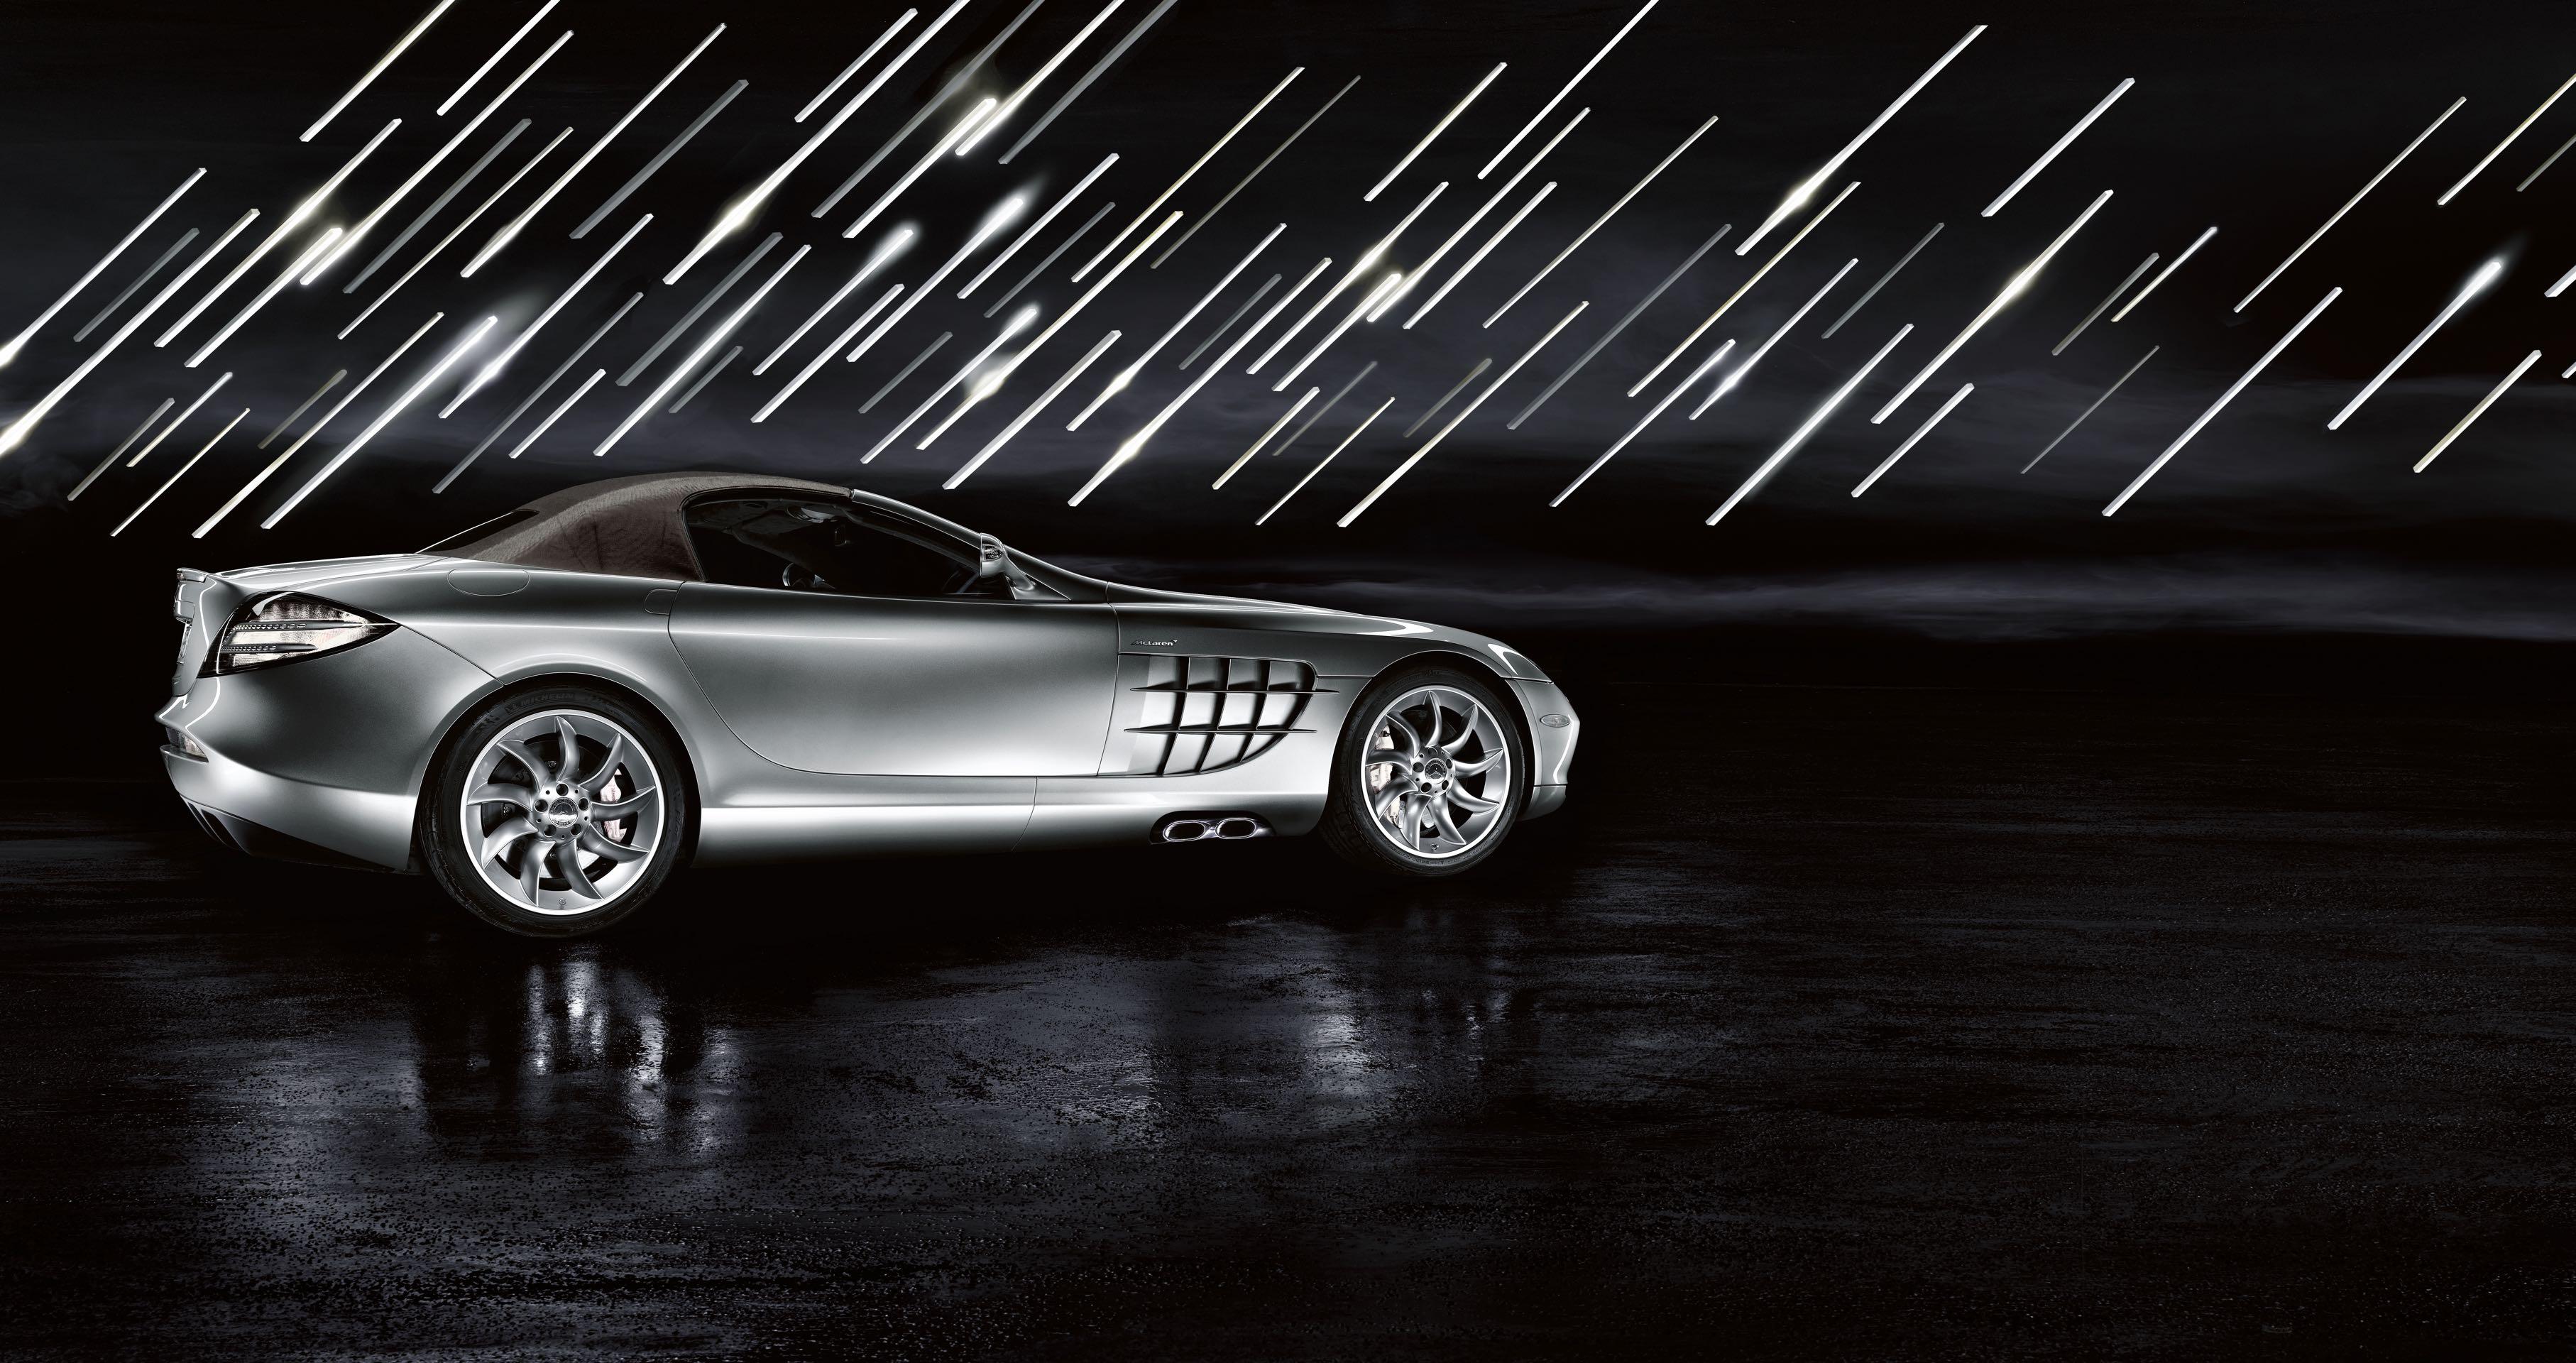 McLaren-Mercedes SLR